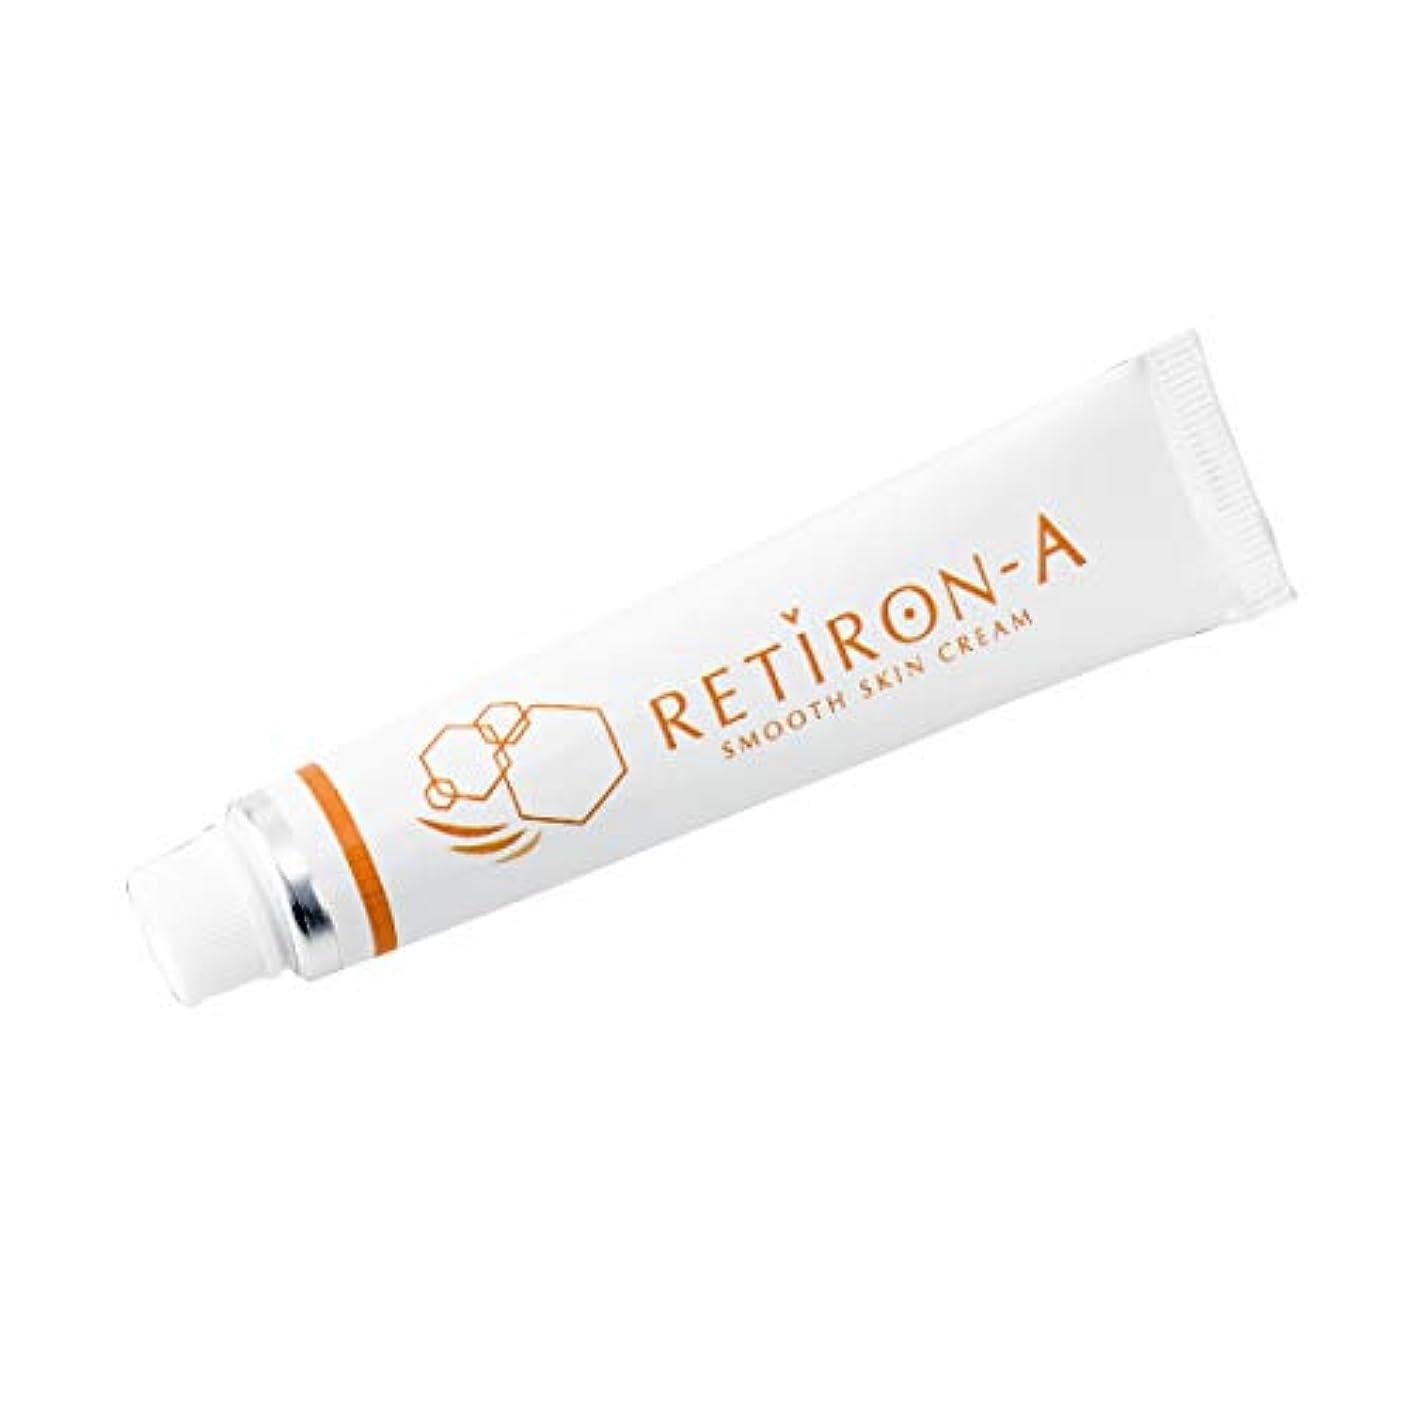 ランドマーク矢印地上でクリーム 化粧品 レチノール配合 レチロンA パラベンフリー